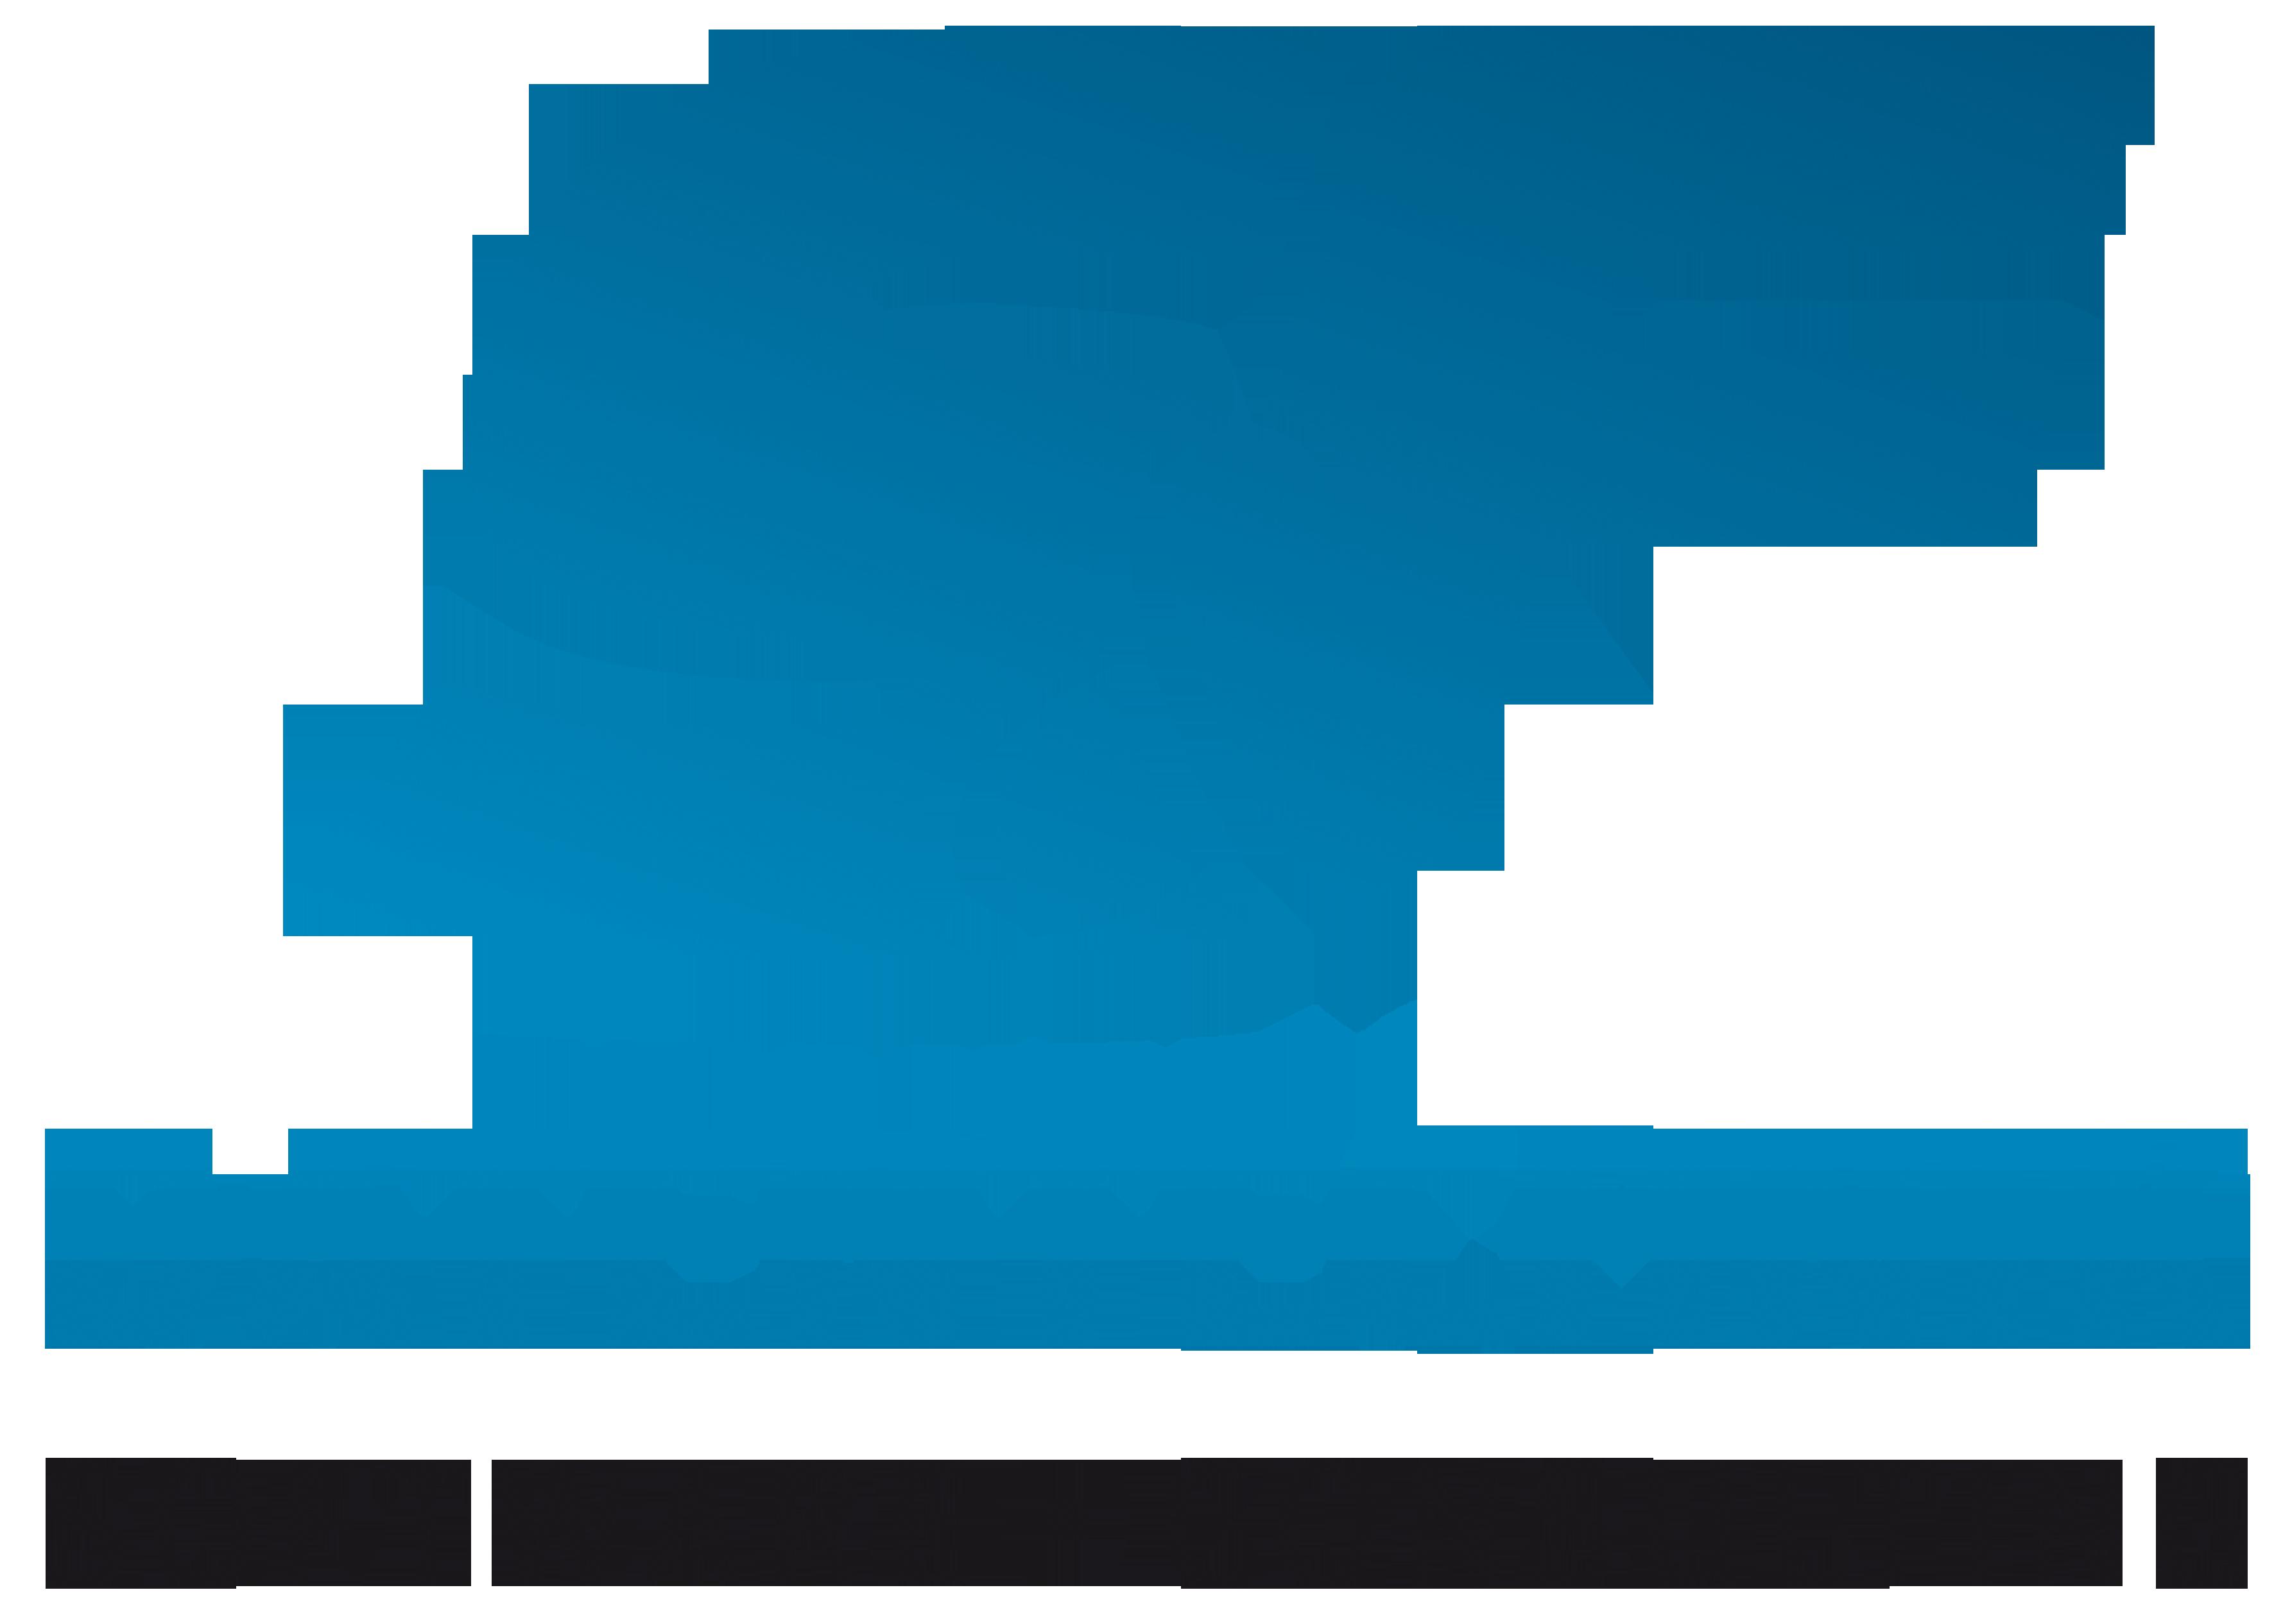 S&F Datentechnik GmbH & Co. KG